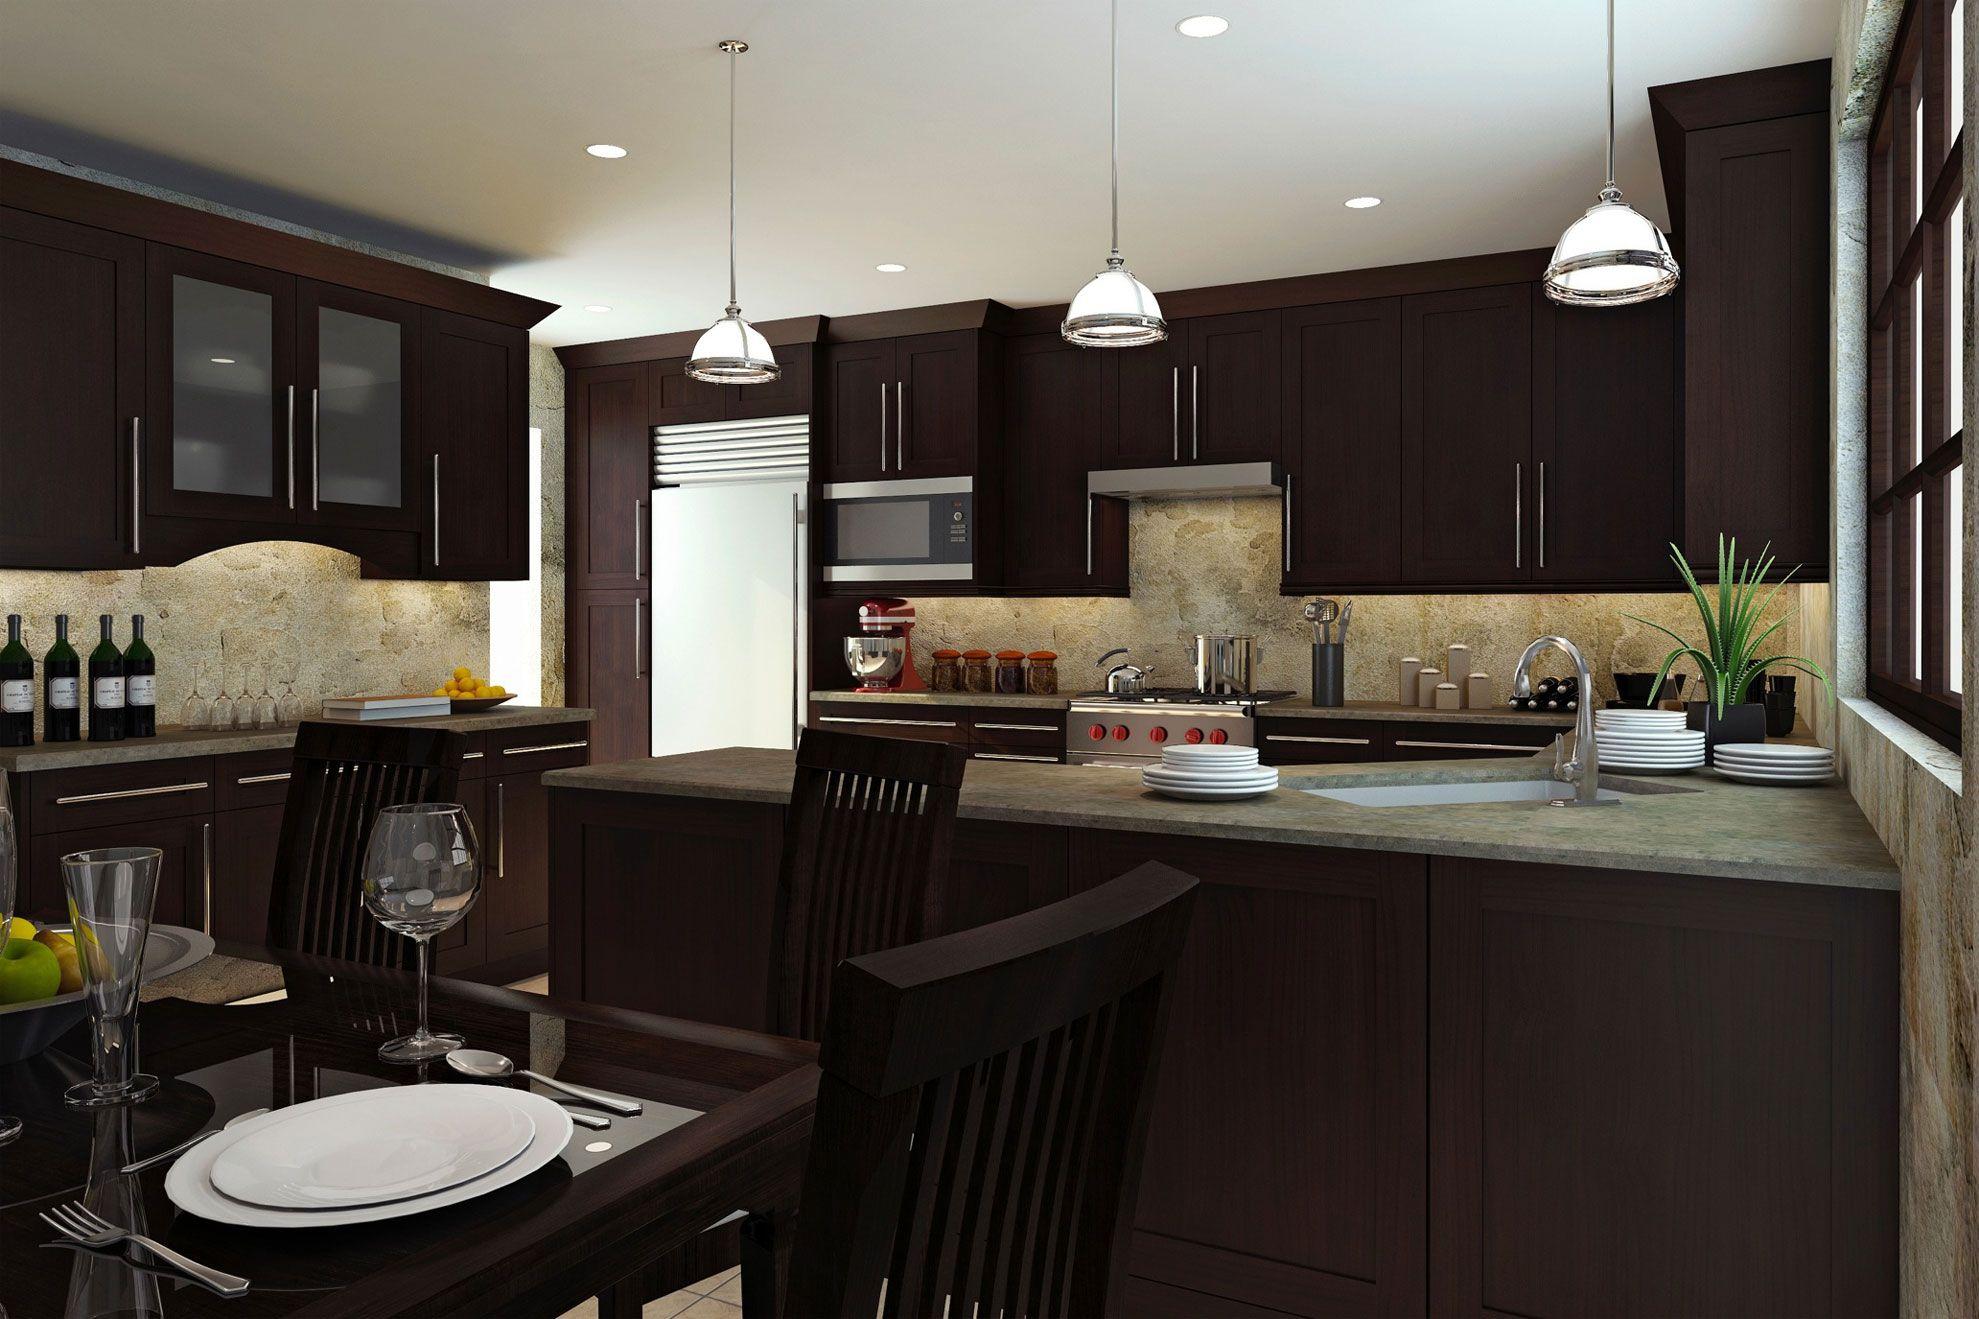 Madison RTA Kitchen Cabinets By Adornus